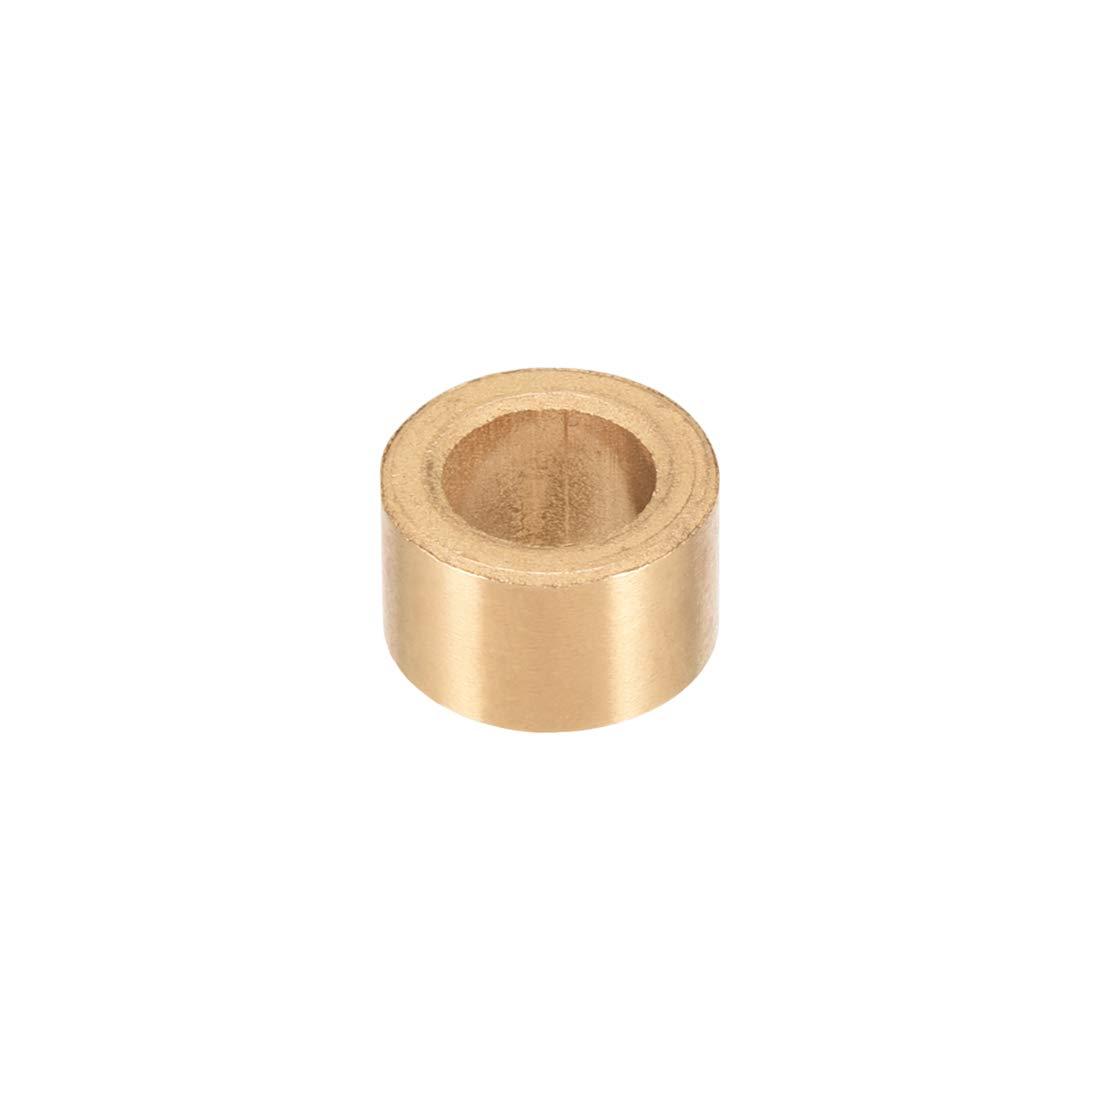 Cojinete de bronce Oilite Bush X 30mm Diámetro Métricas 25mm OD x 20mm de largo